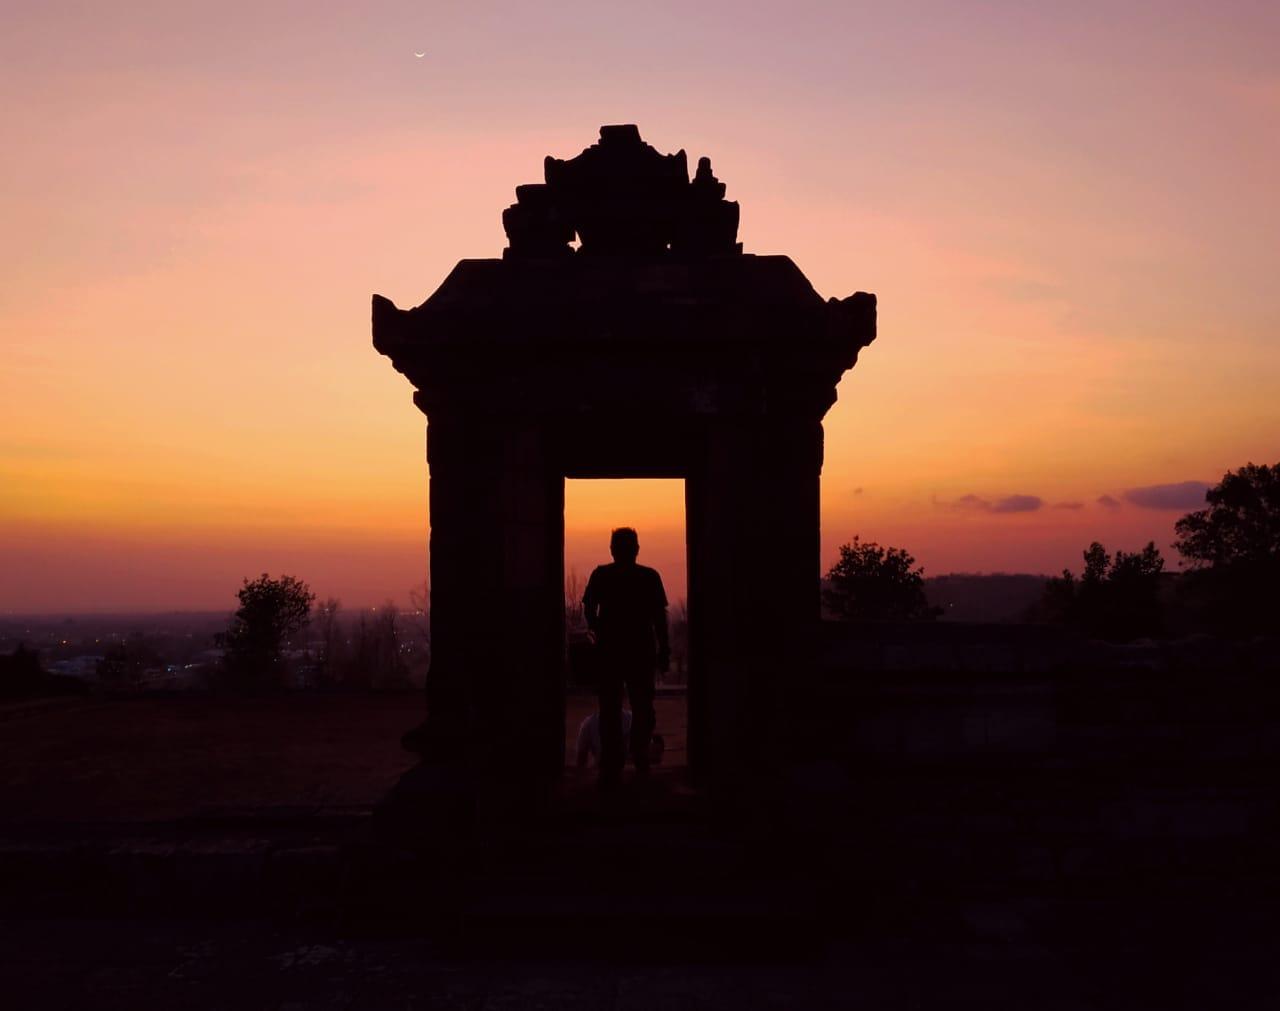 Defisit Tradisi, Awal Mula Pendangkalan Agama